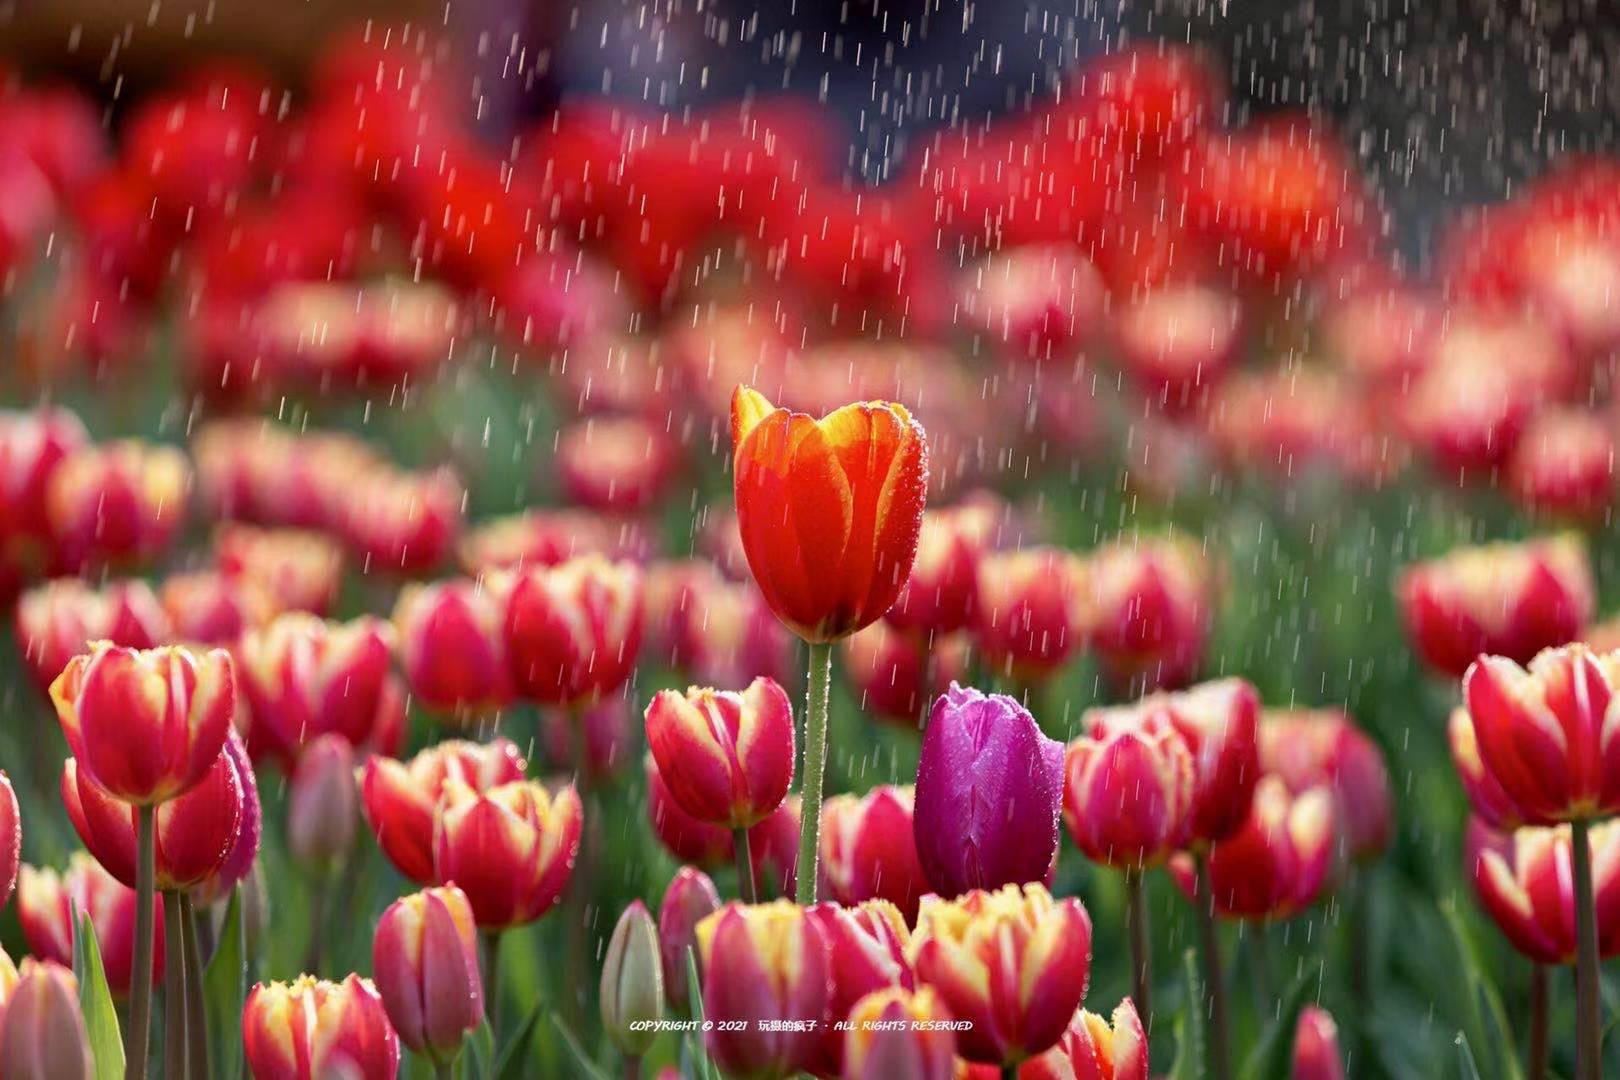 等不及了!全城的花花们带来春的讯息|城市摄